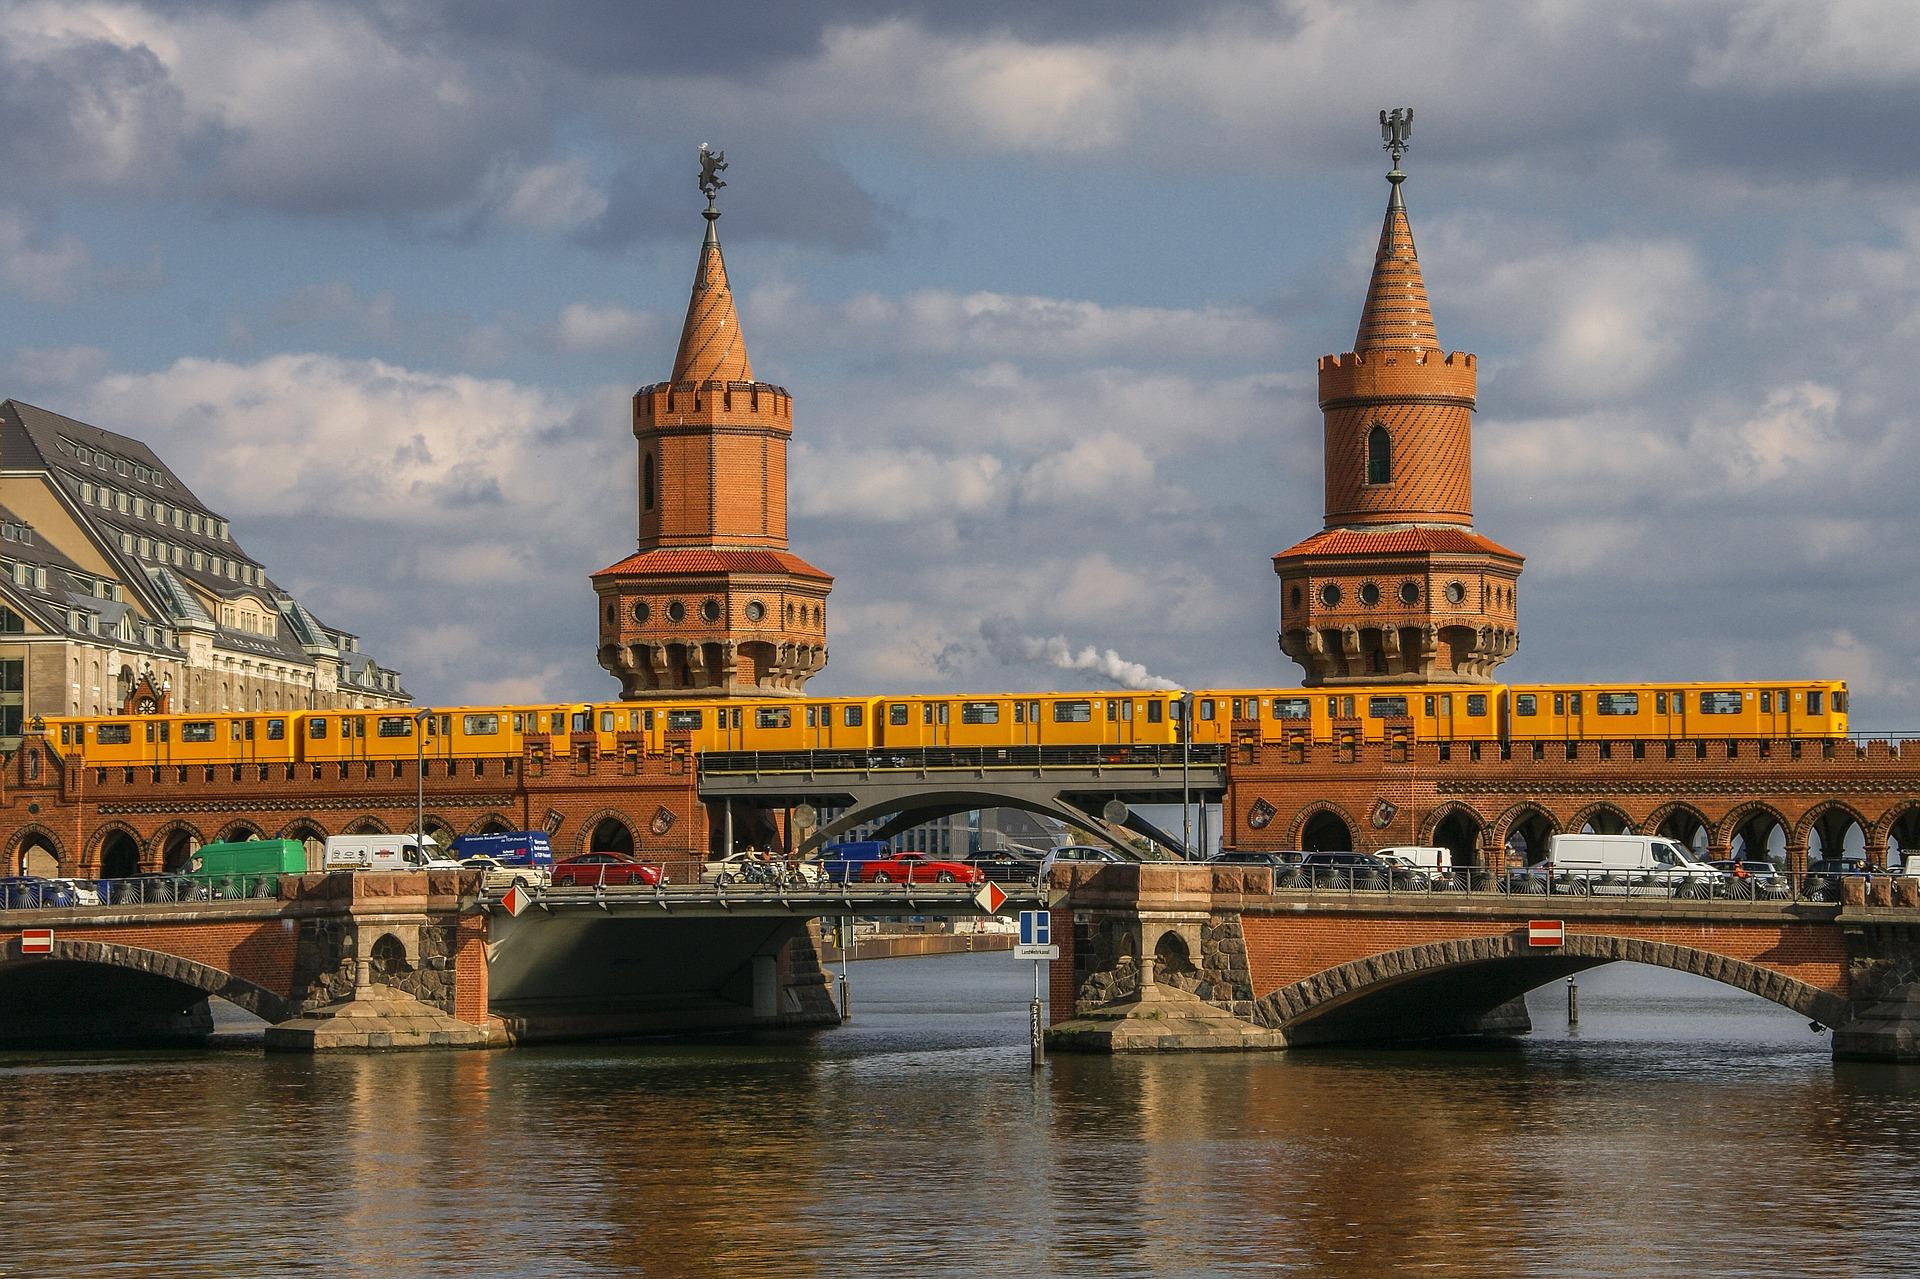 Oberbaumbrücke _Die Spree in Berlin